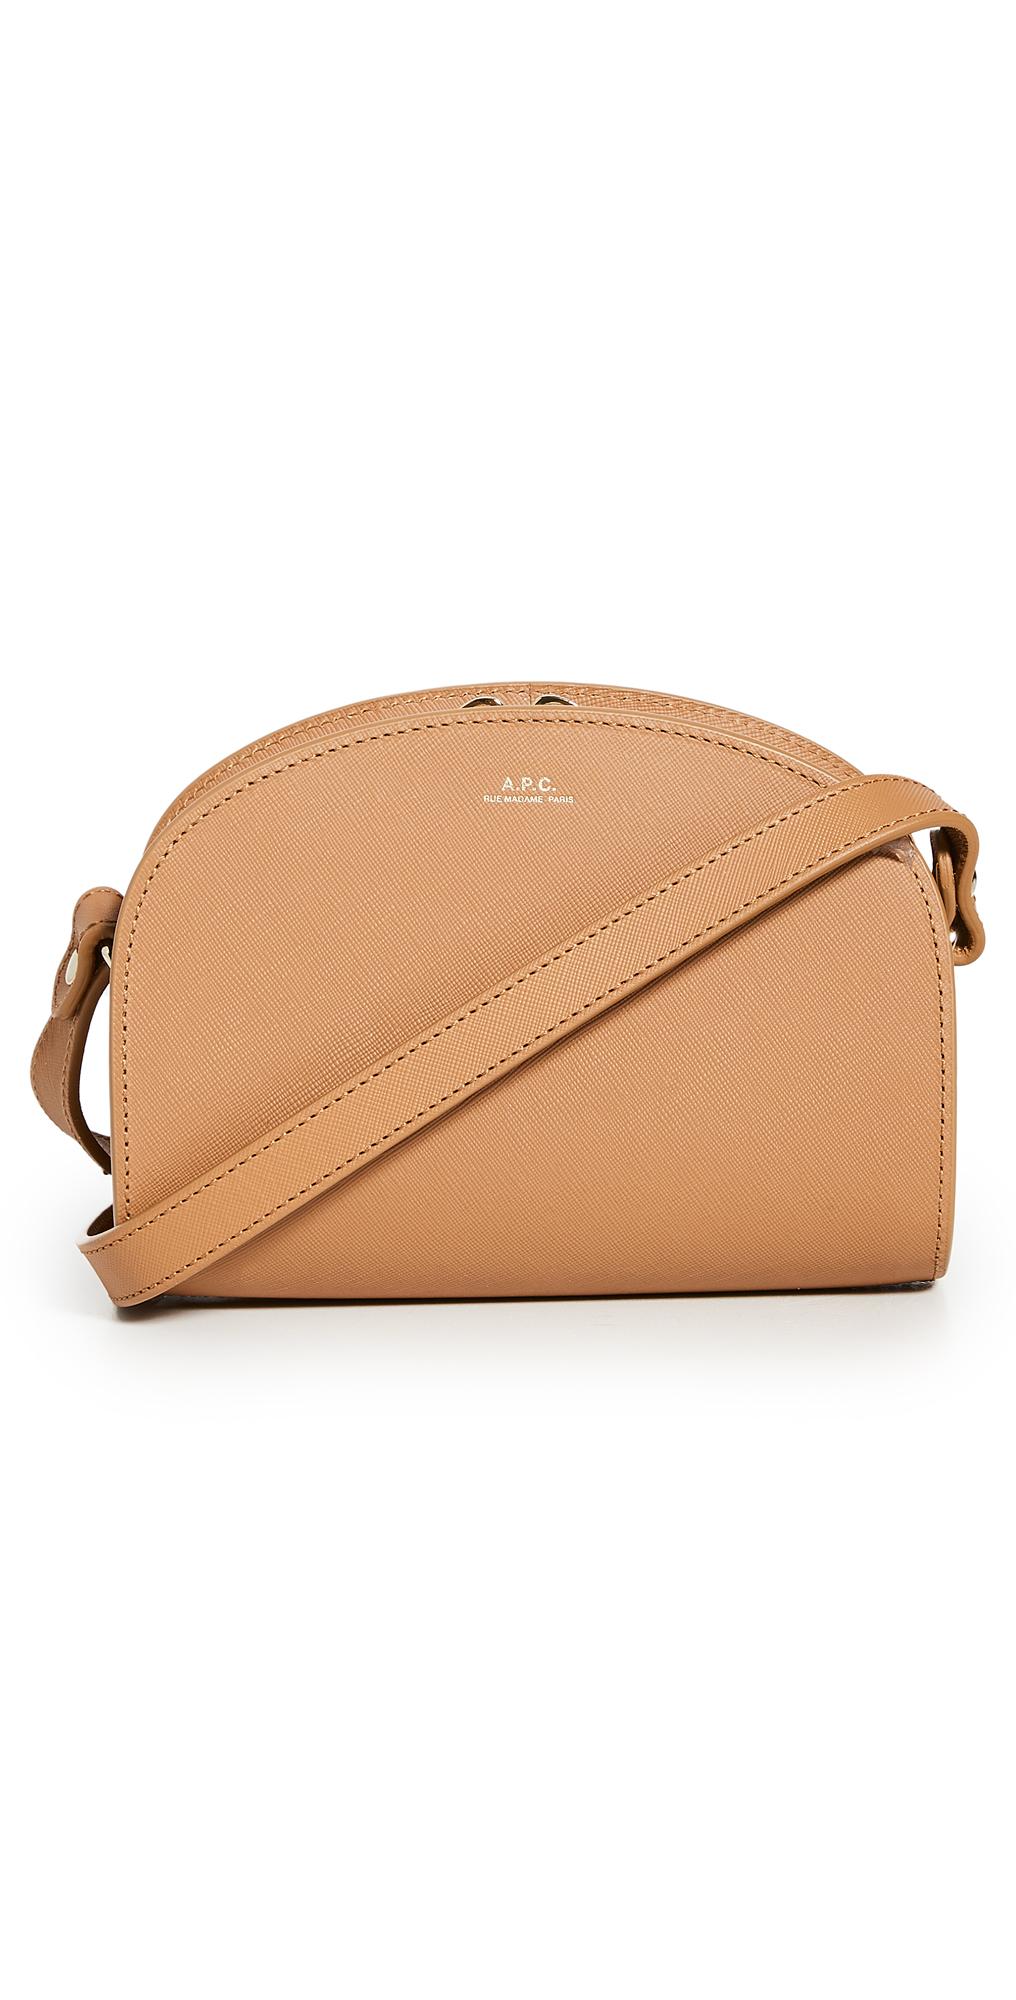 A.P.C. Sac Demi Lune Mini Bag